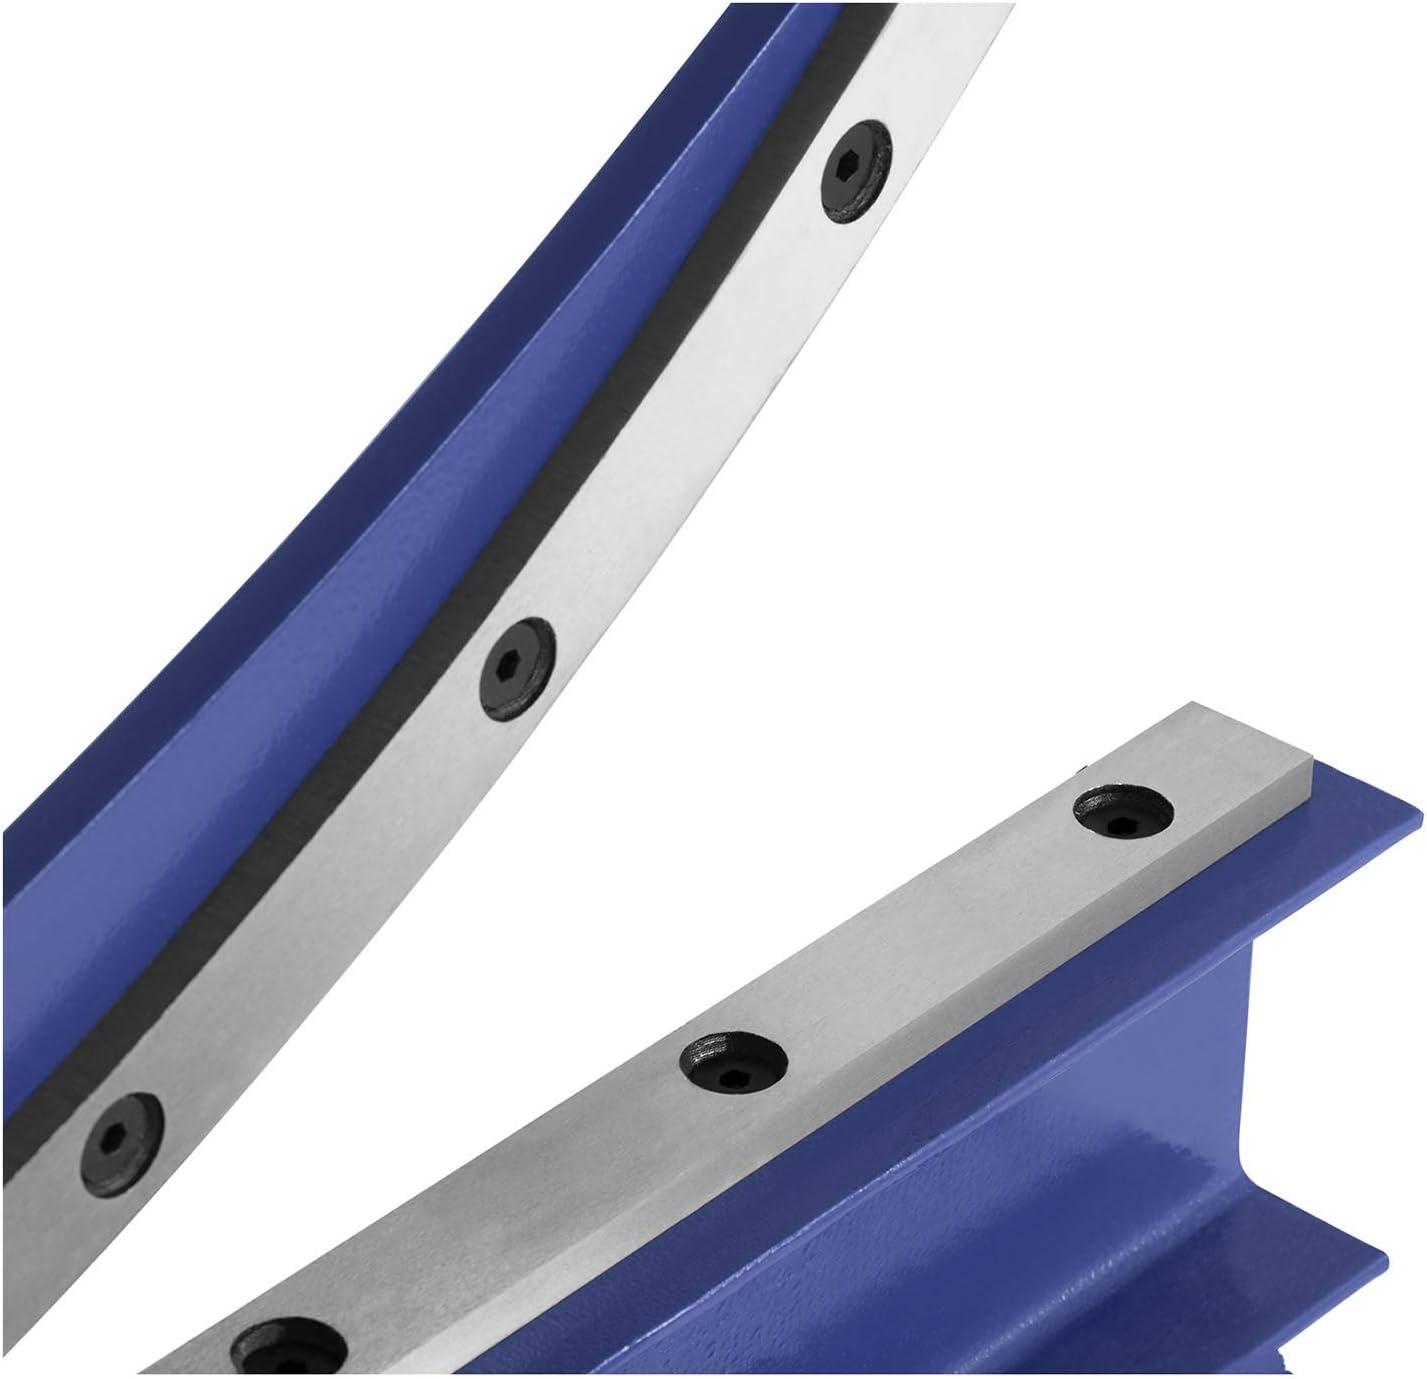 MSW Cisaille /À Levier Pour T/ôle Plastique Manuelle Avec Pi/étement MSW-HS500 T/ôles /≤ 1,5 mm, Acier Et Acier Outil, Largeur utile: 500 mm